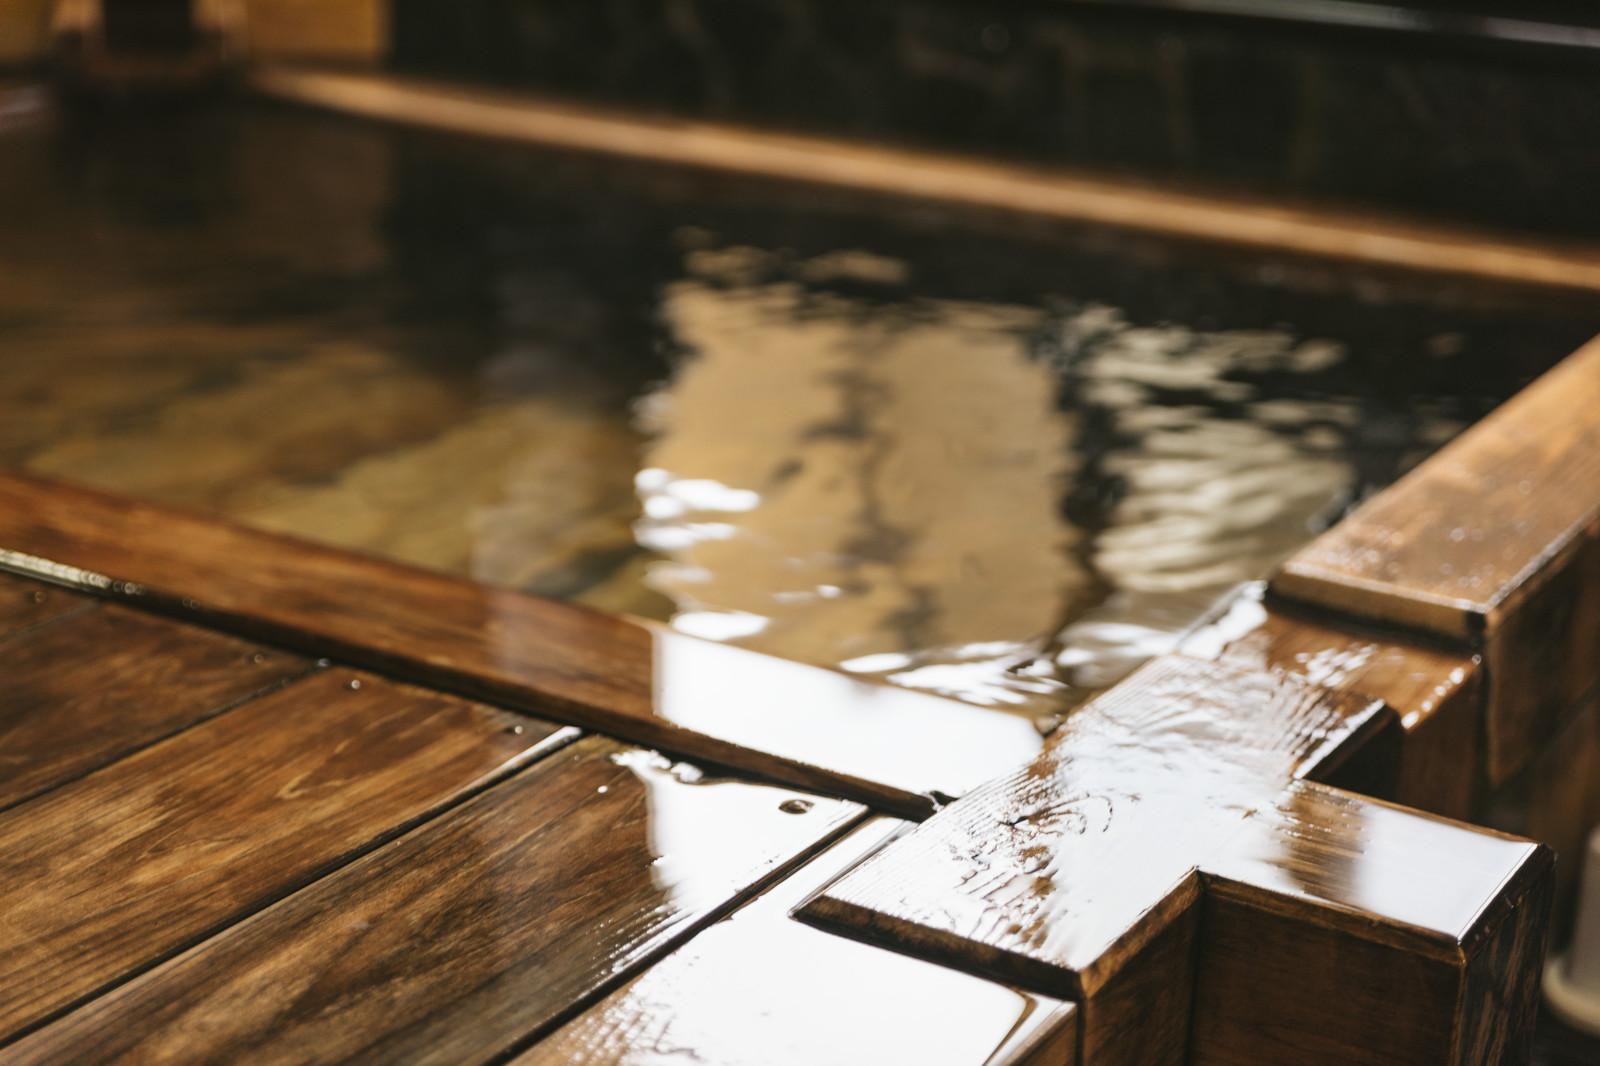 「酒々井温泉 湯楽の里」の露天風呂は富士山が見える!絶景と温泉で癒されよう!